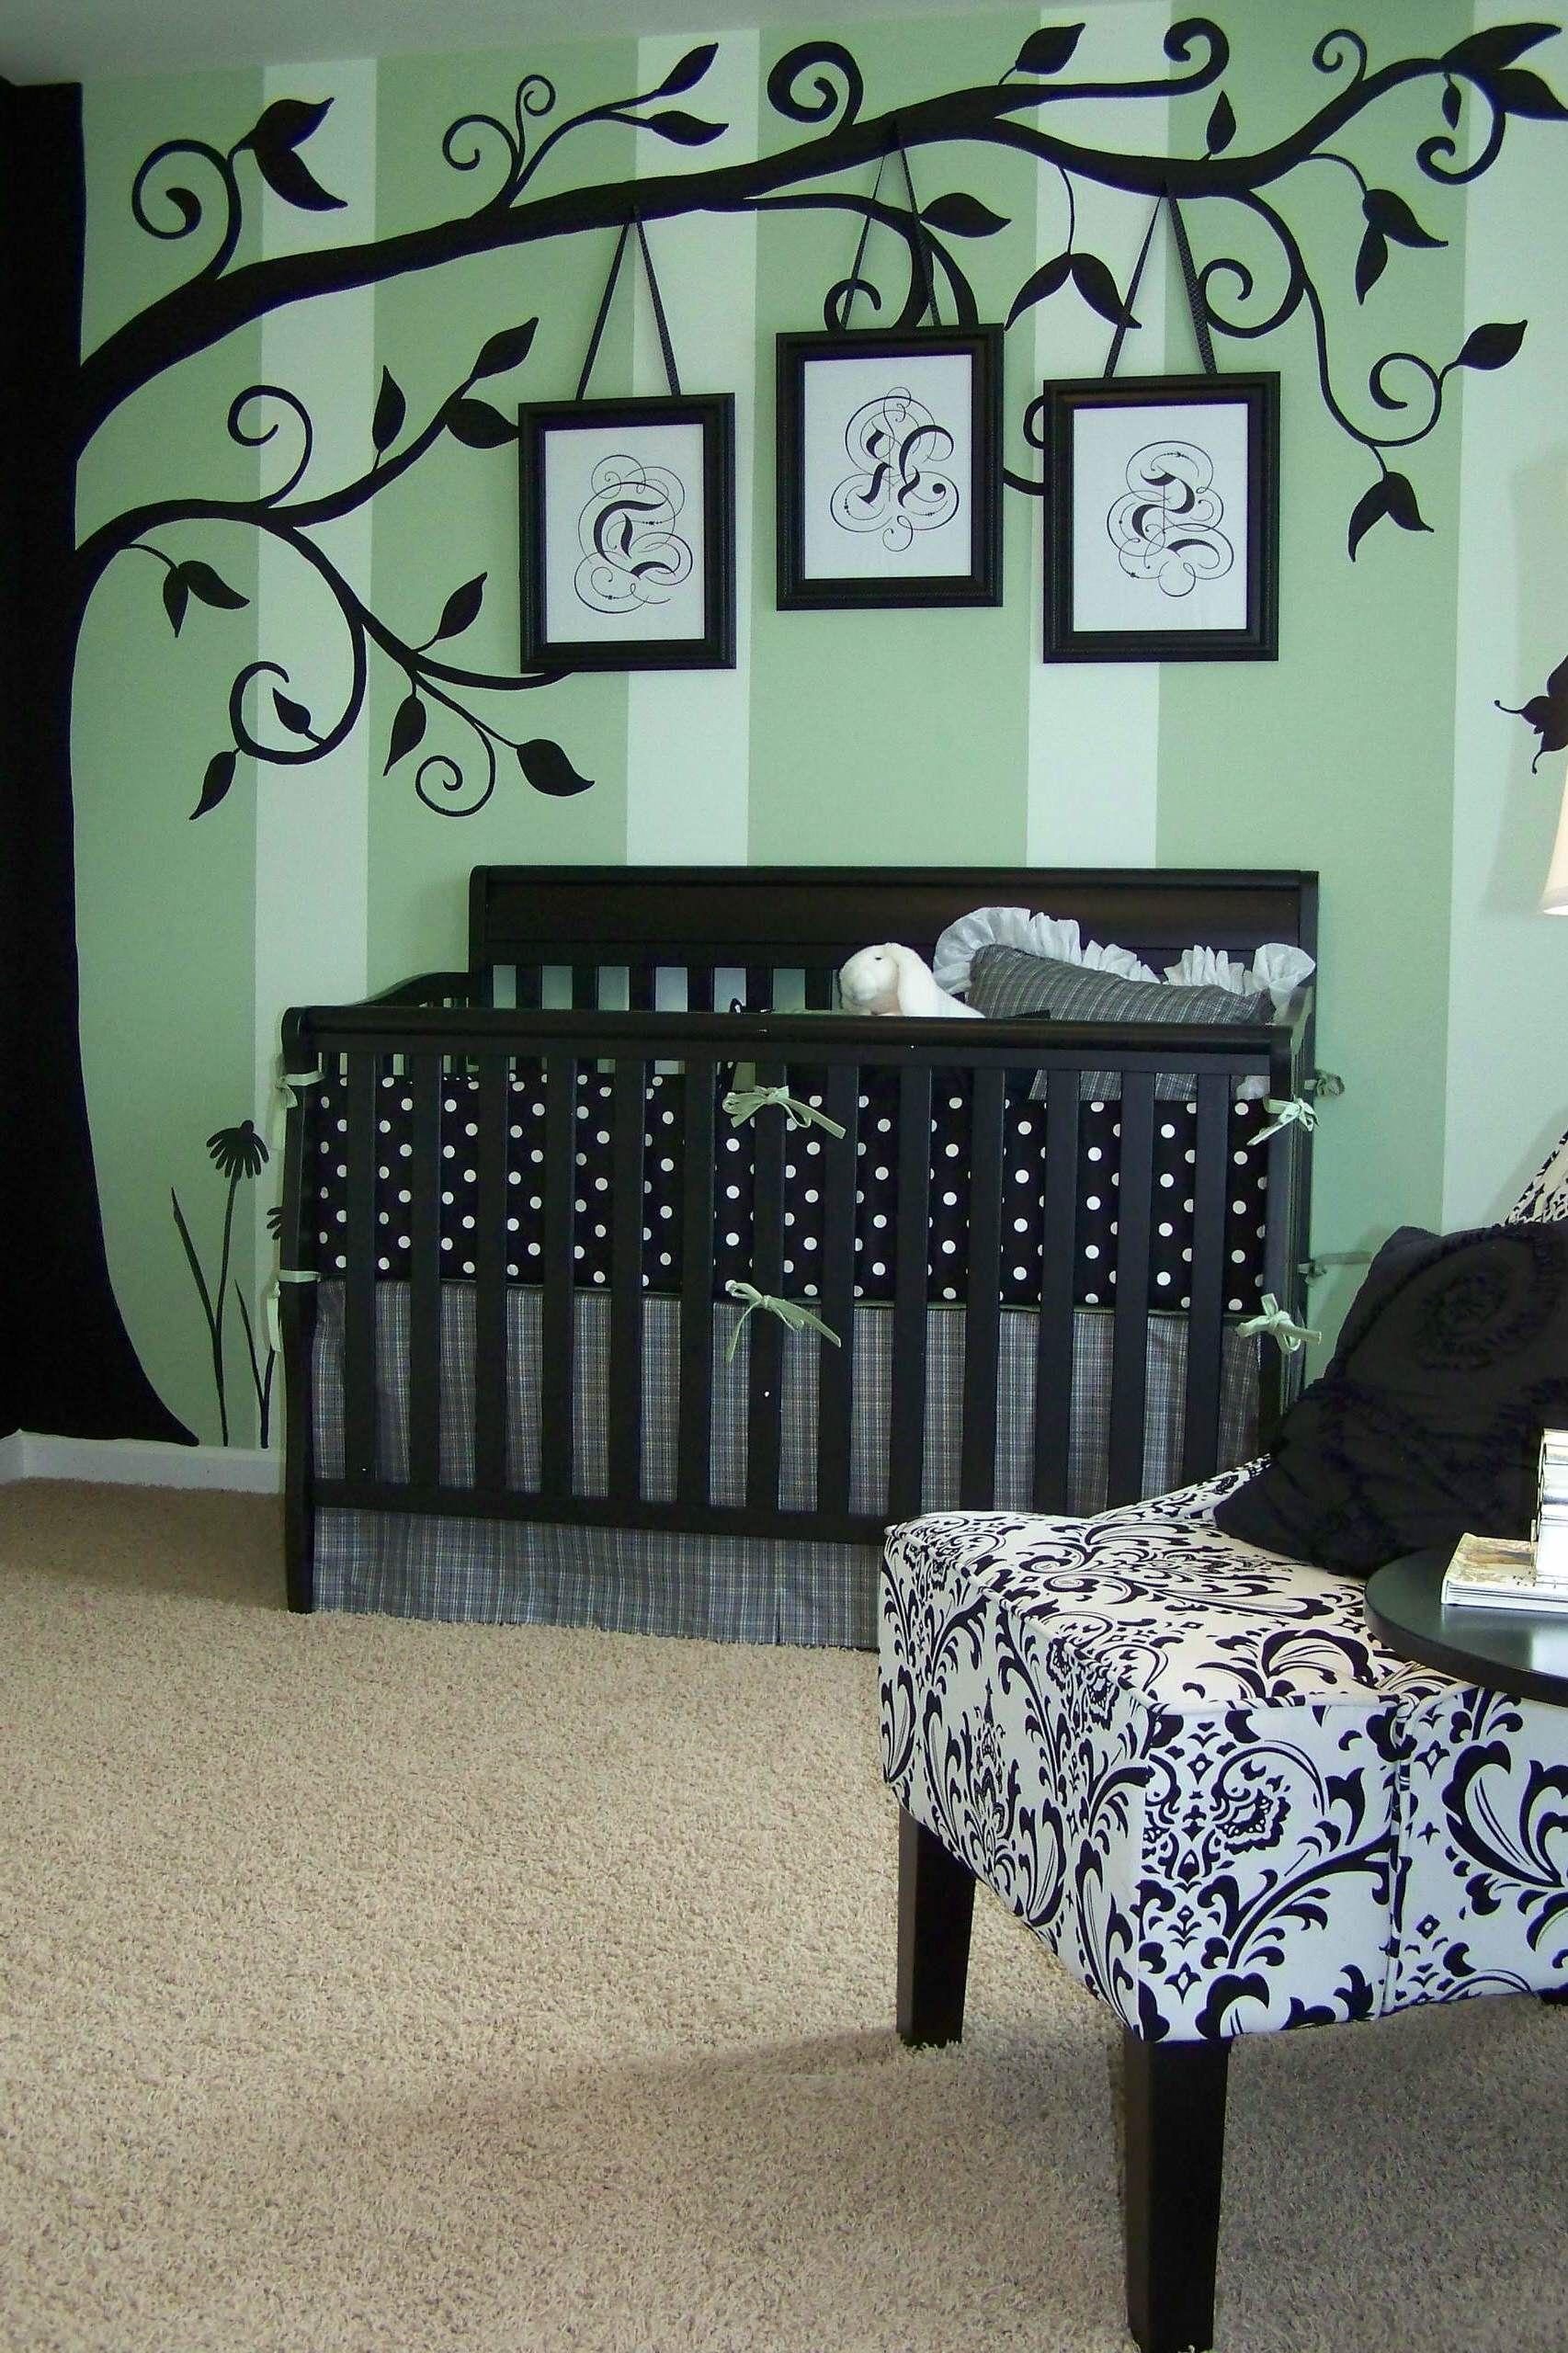 Noch Viele Tolle Inspirationen F R Ein Fulminantes Wandgeslatung Schlafzimmer